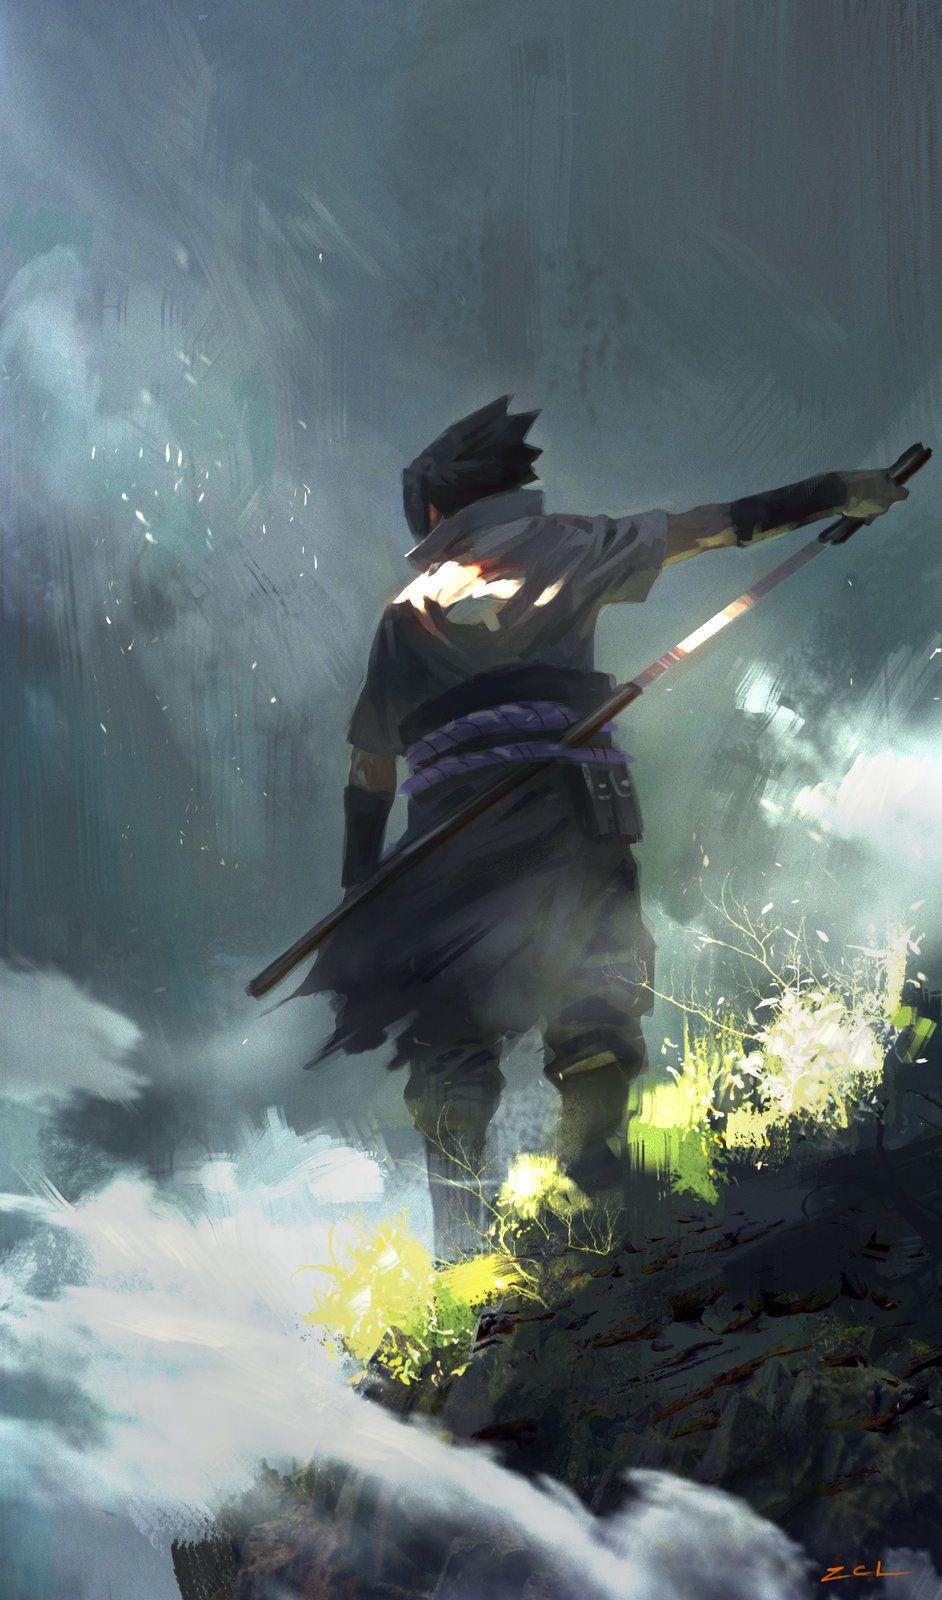 Sasuke, cl z on ArtStation at http://www.artstation.com/artwork/sasuke